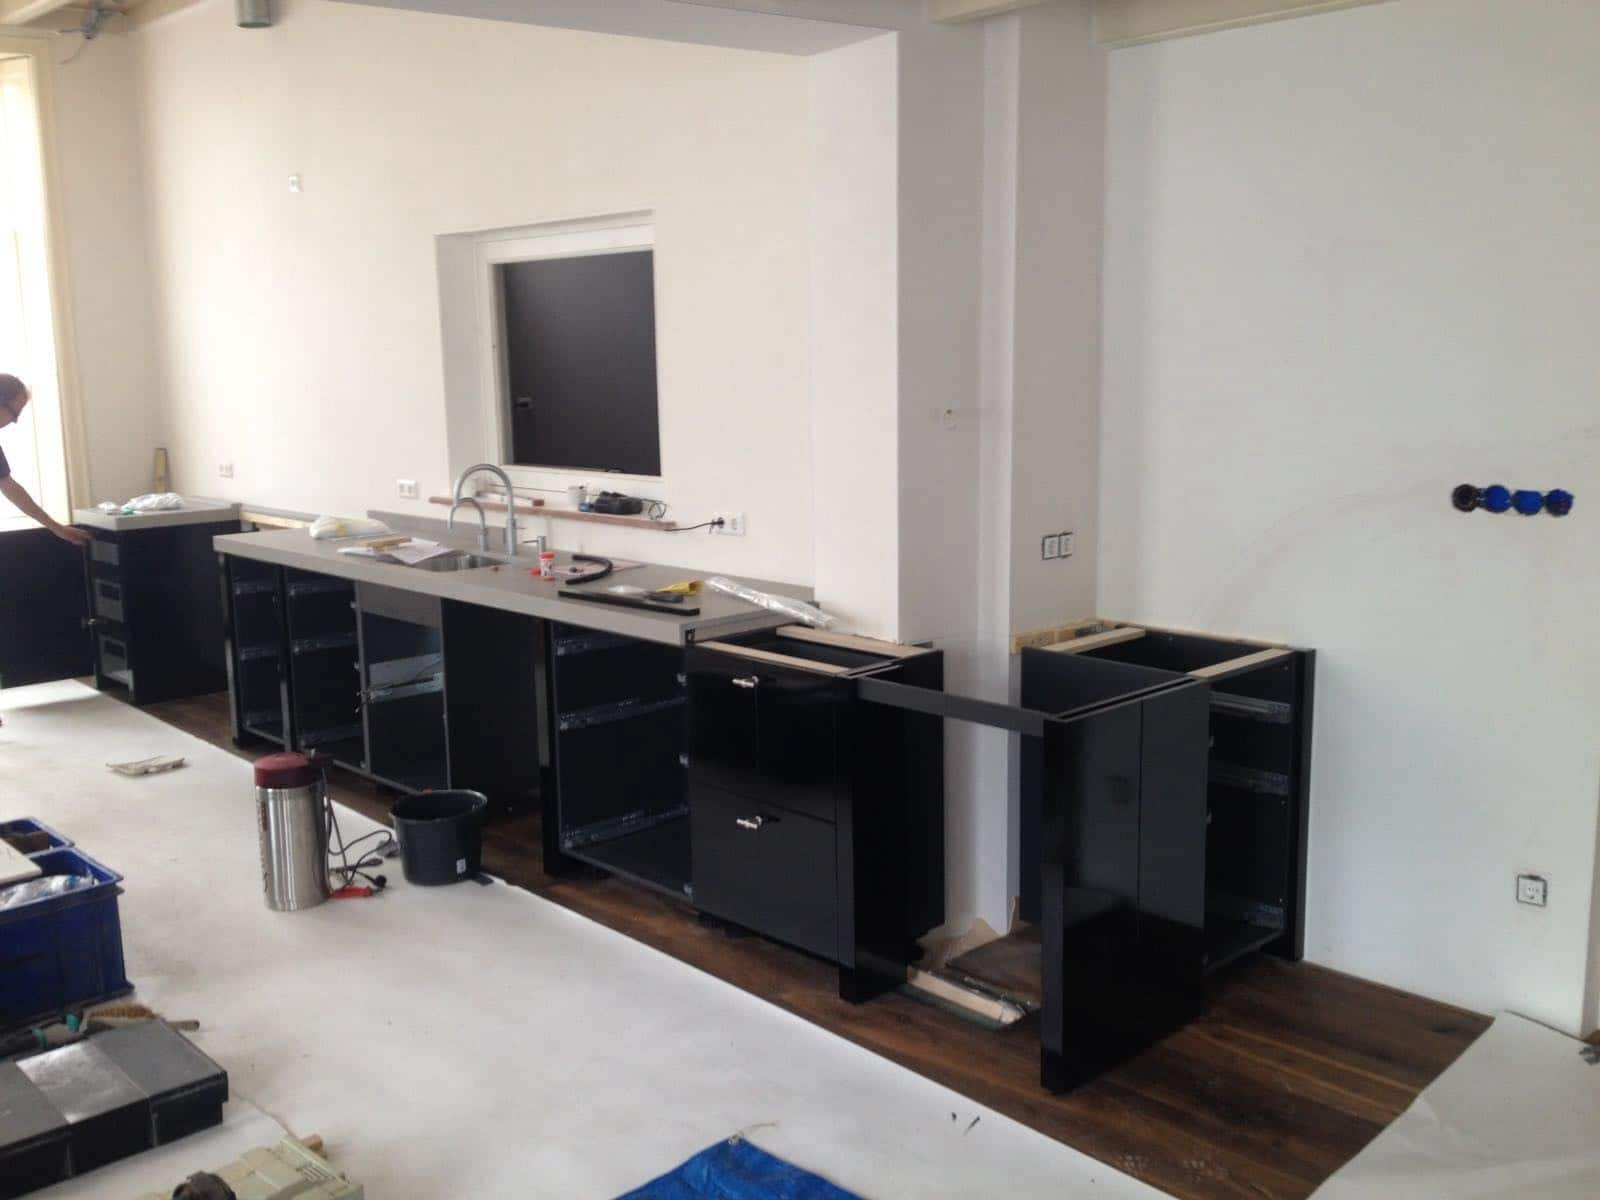 Keuken u vorm biedt een handige - Kleine keukenstudio ...